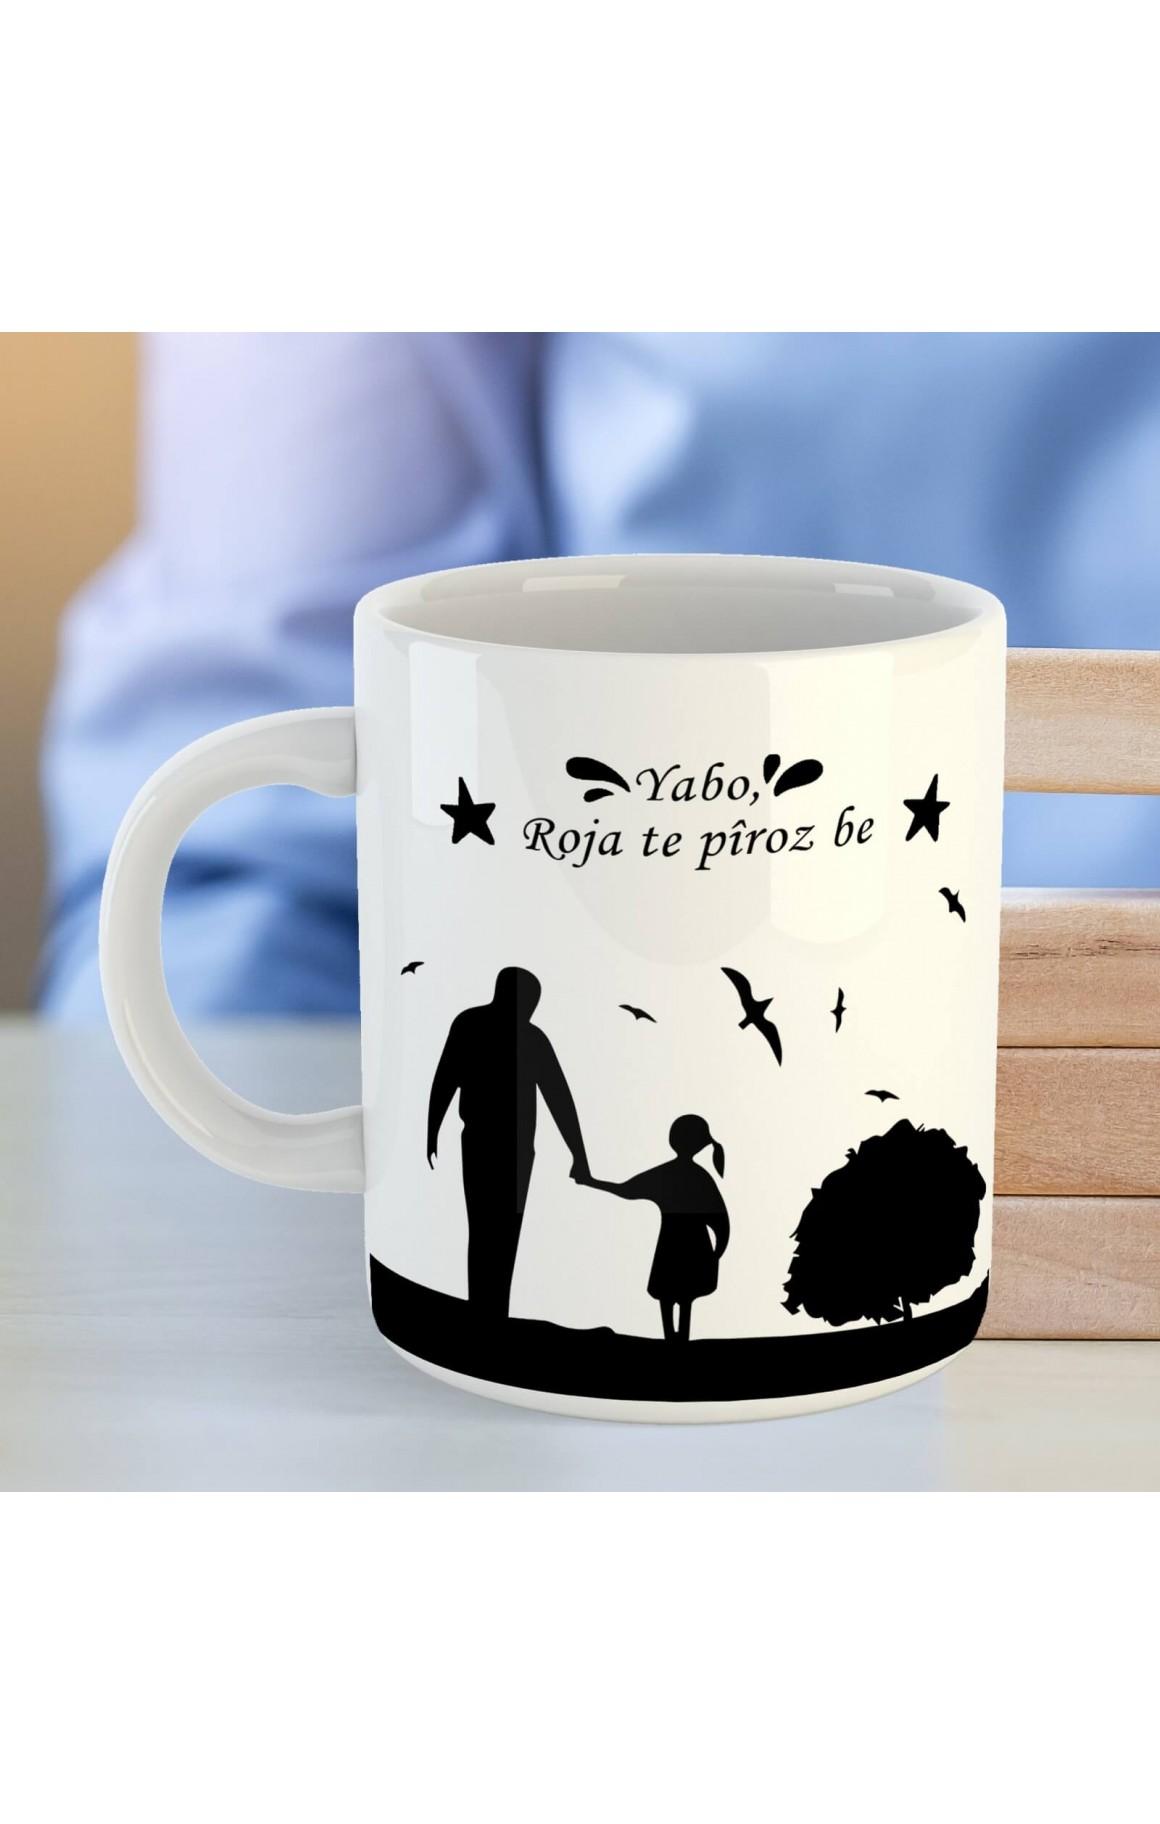 Babalara Özel Porselen Kupa - Yabo Roja Te Pîroz be